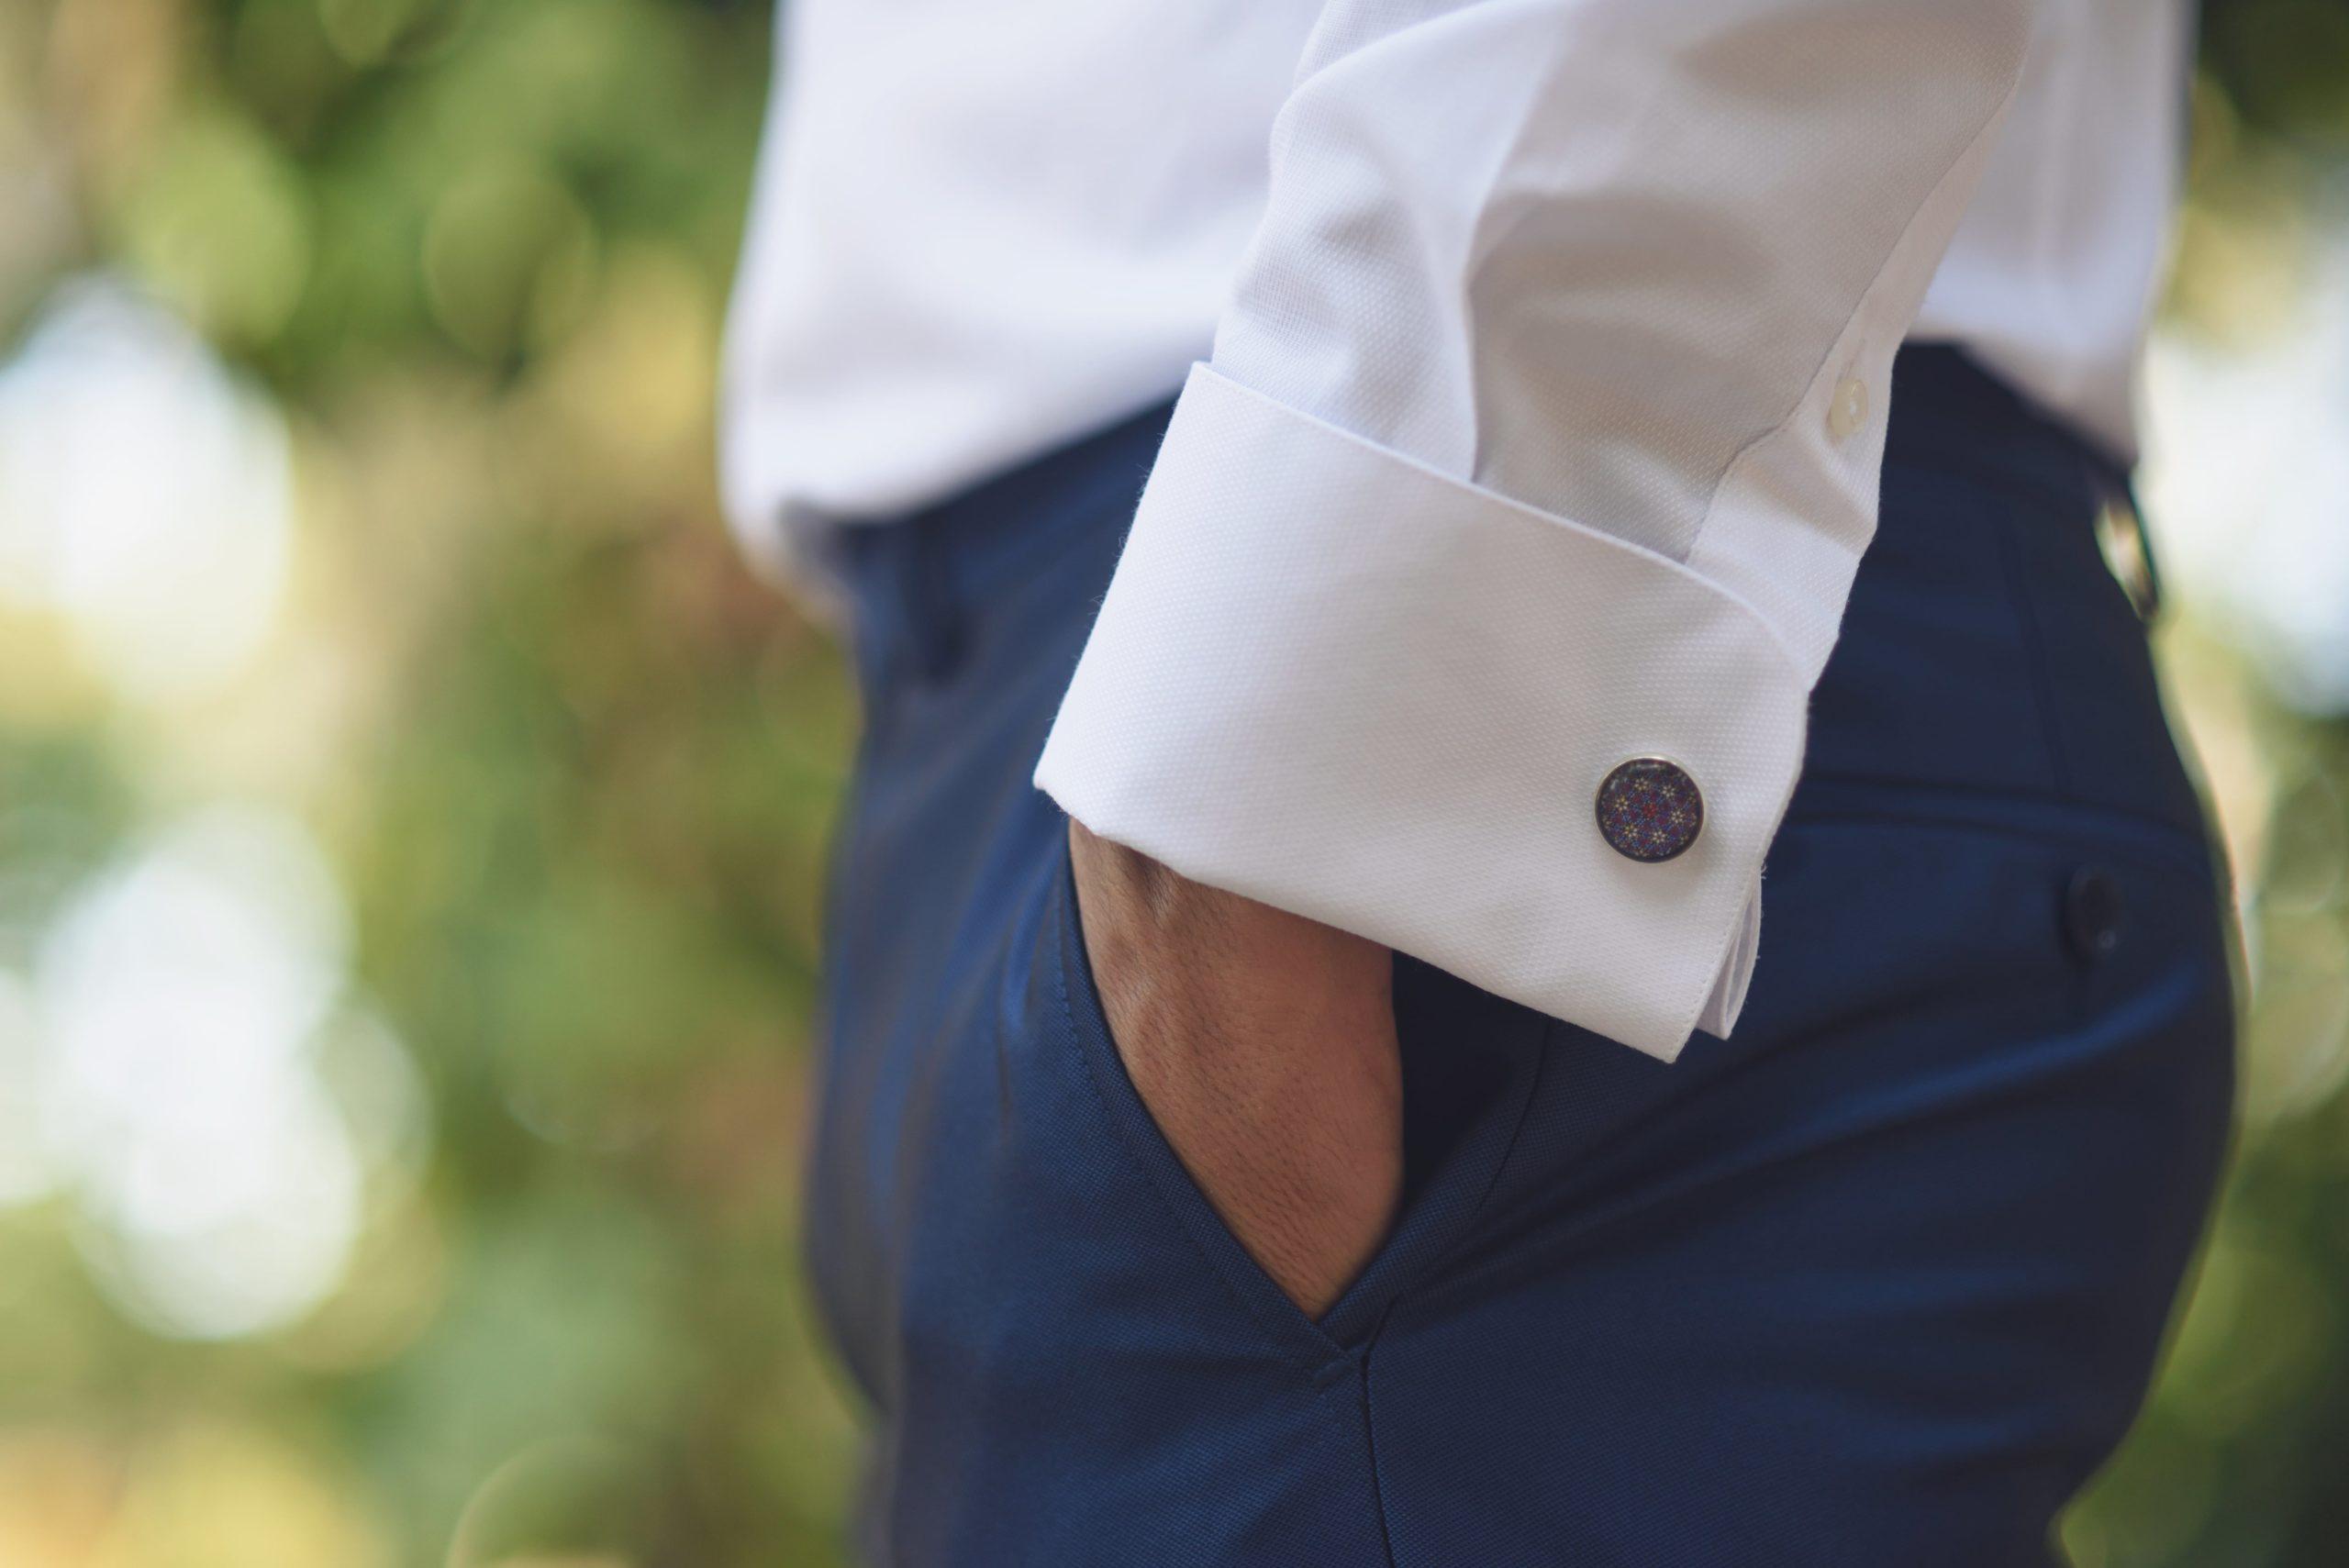 Niebieskie spodnie męskie. Przykładowe stylizacje